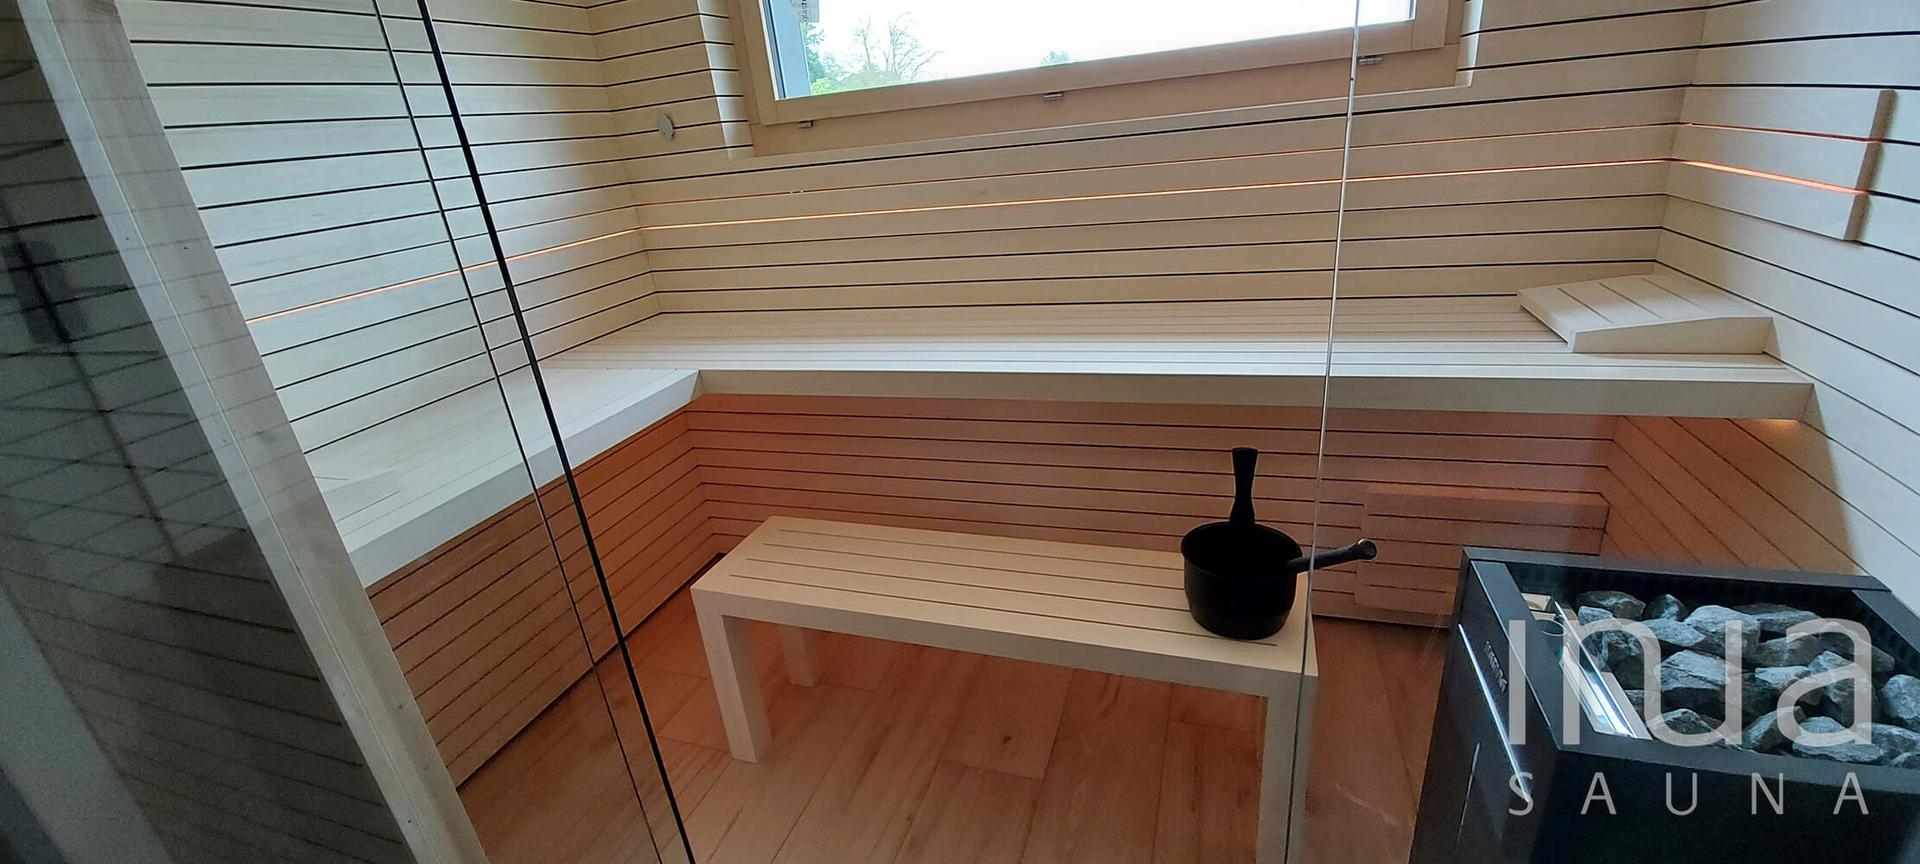 Küszöb nélküli kivitelben gyártott egyedi beltéri finn szauna Harvia Virta szaunakályhával.